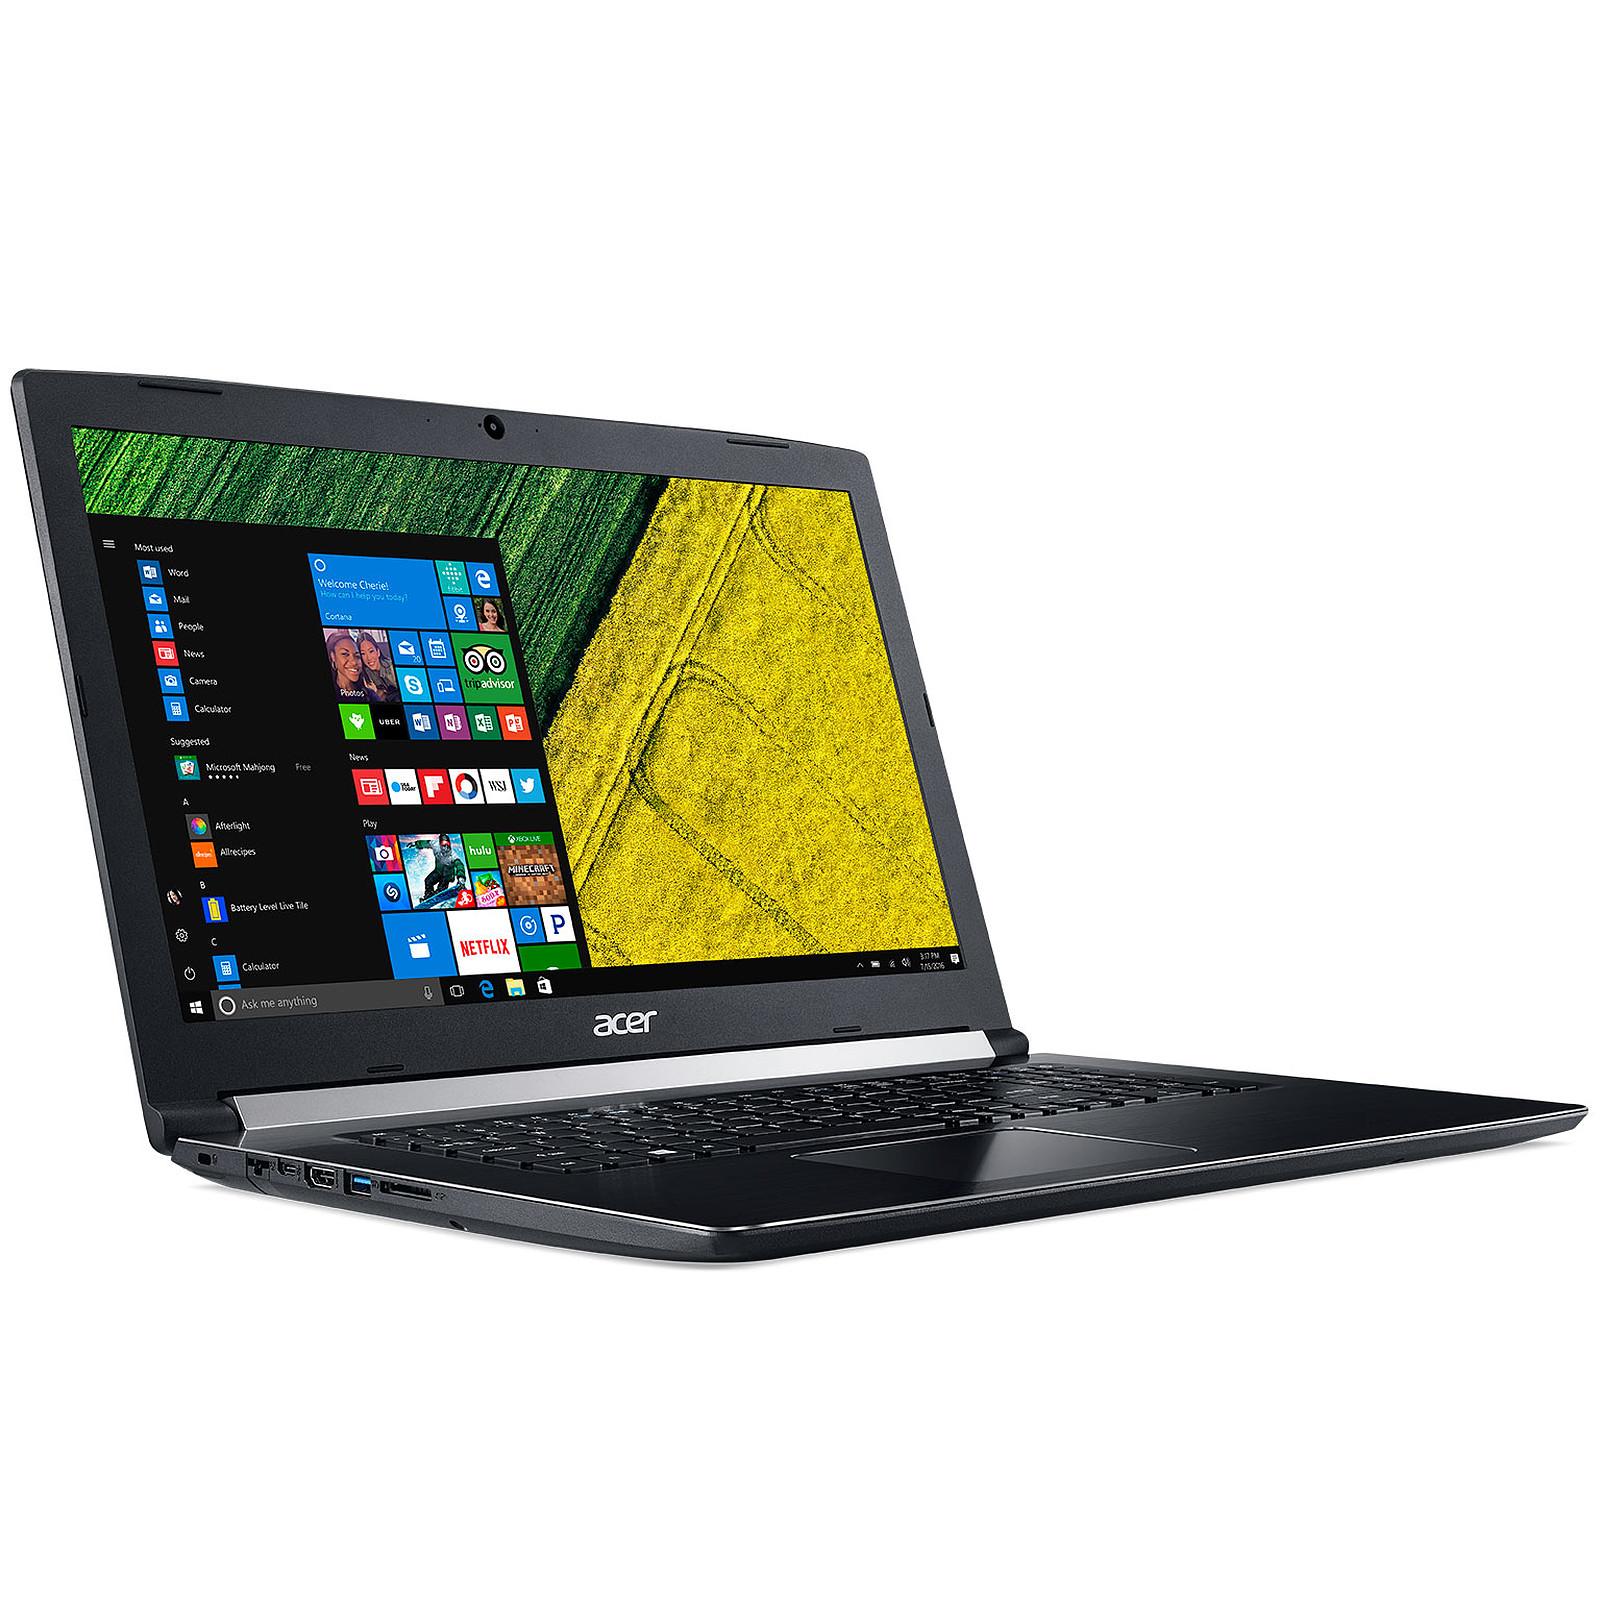 Acer Aspire 5 A517-51-389Y